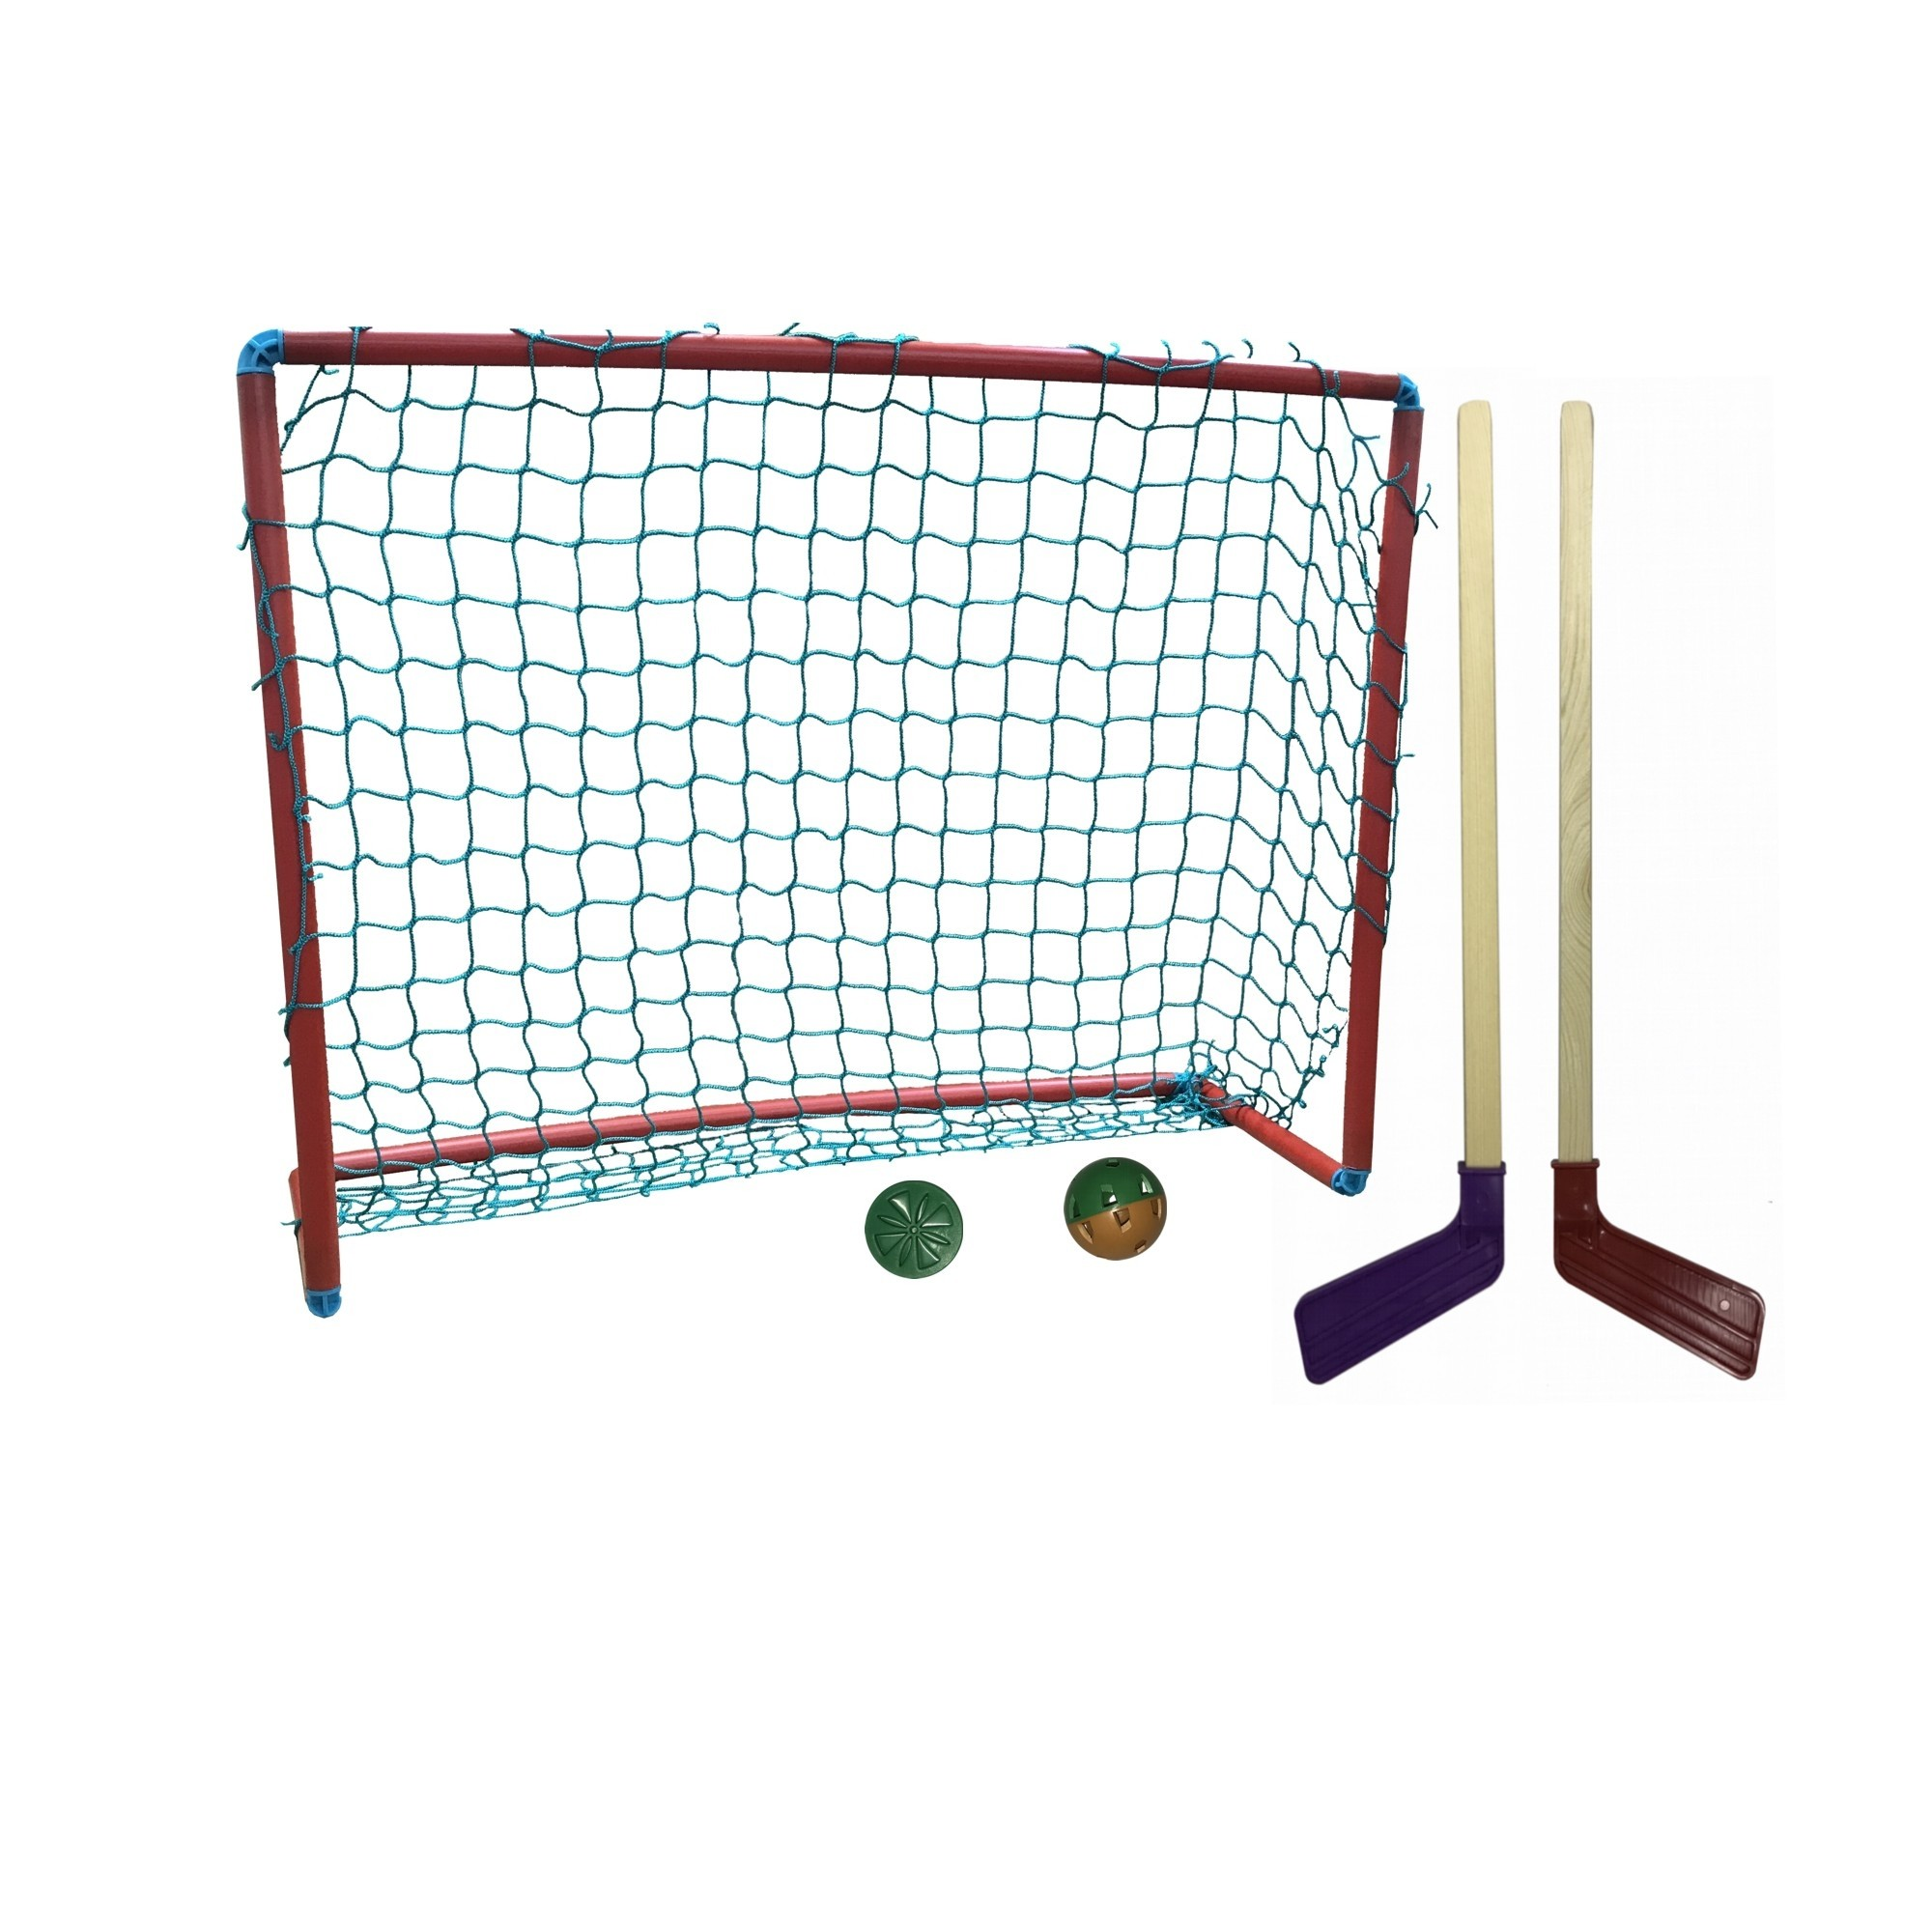 Активные игры ASE-SPORT Игровой набор для хоккея Ase-Sport 2 клюшки, шайба, мячик, ворота в асс. шайба для хоккея на льду